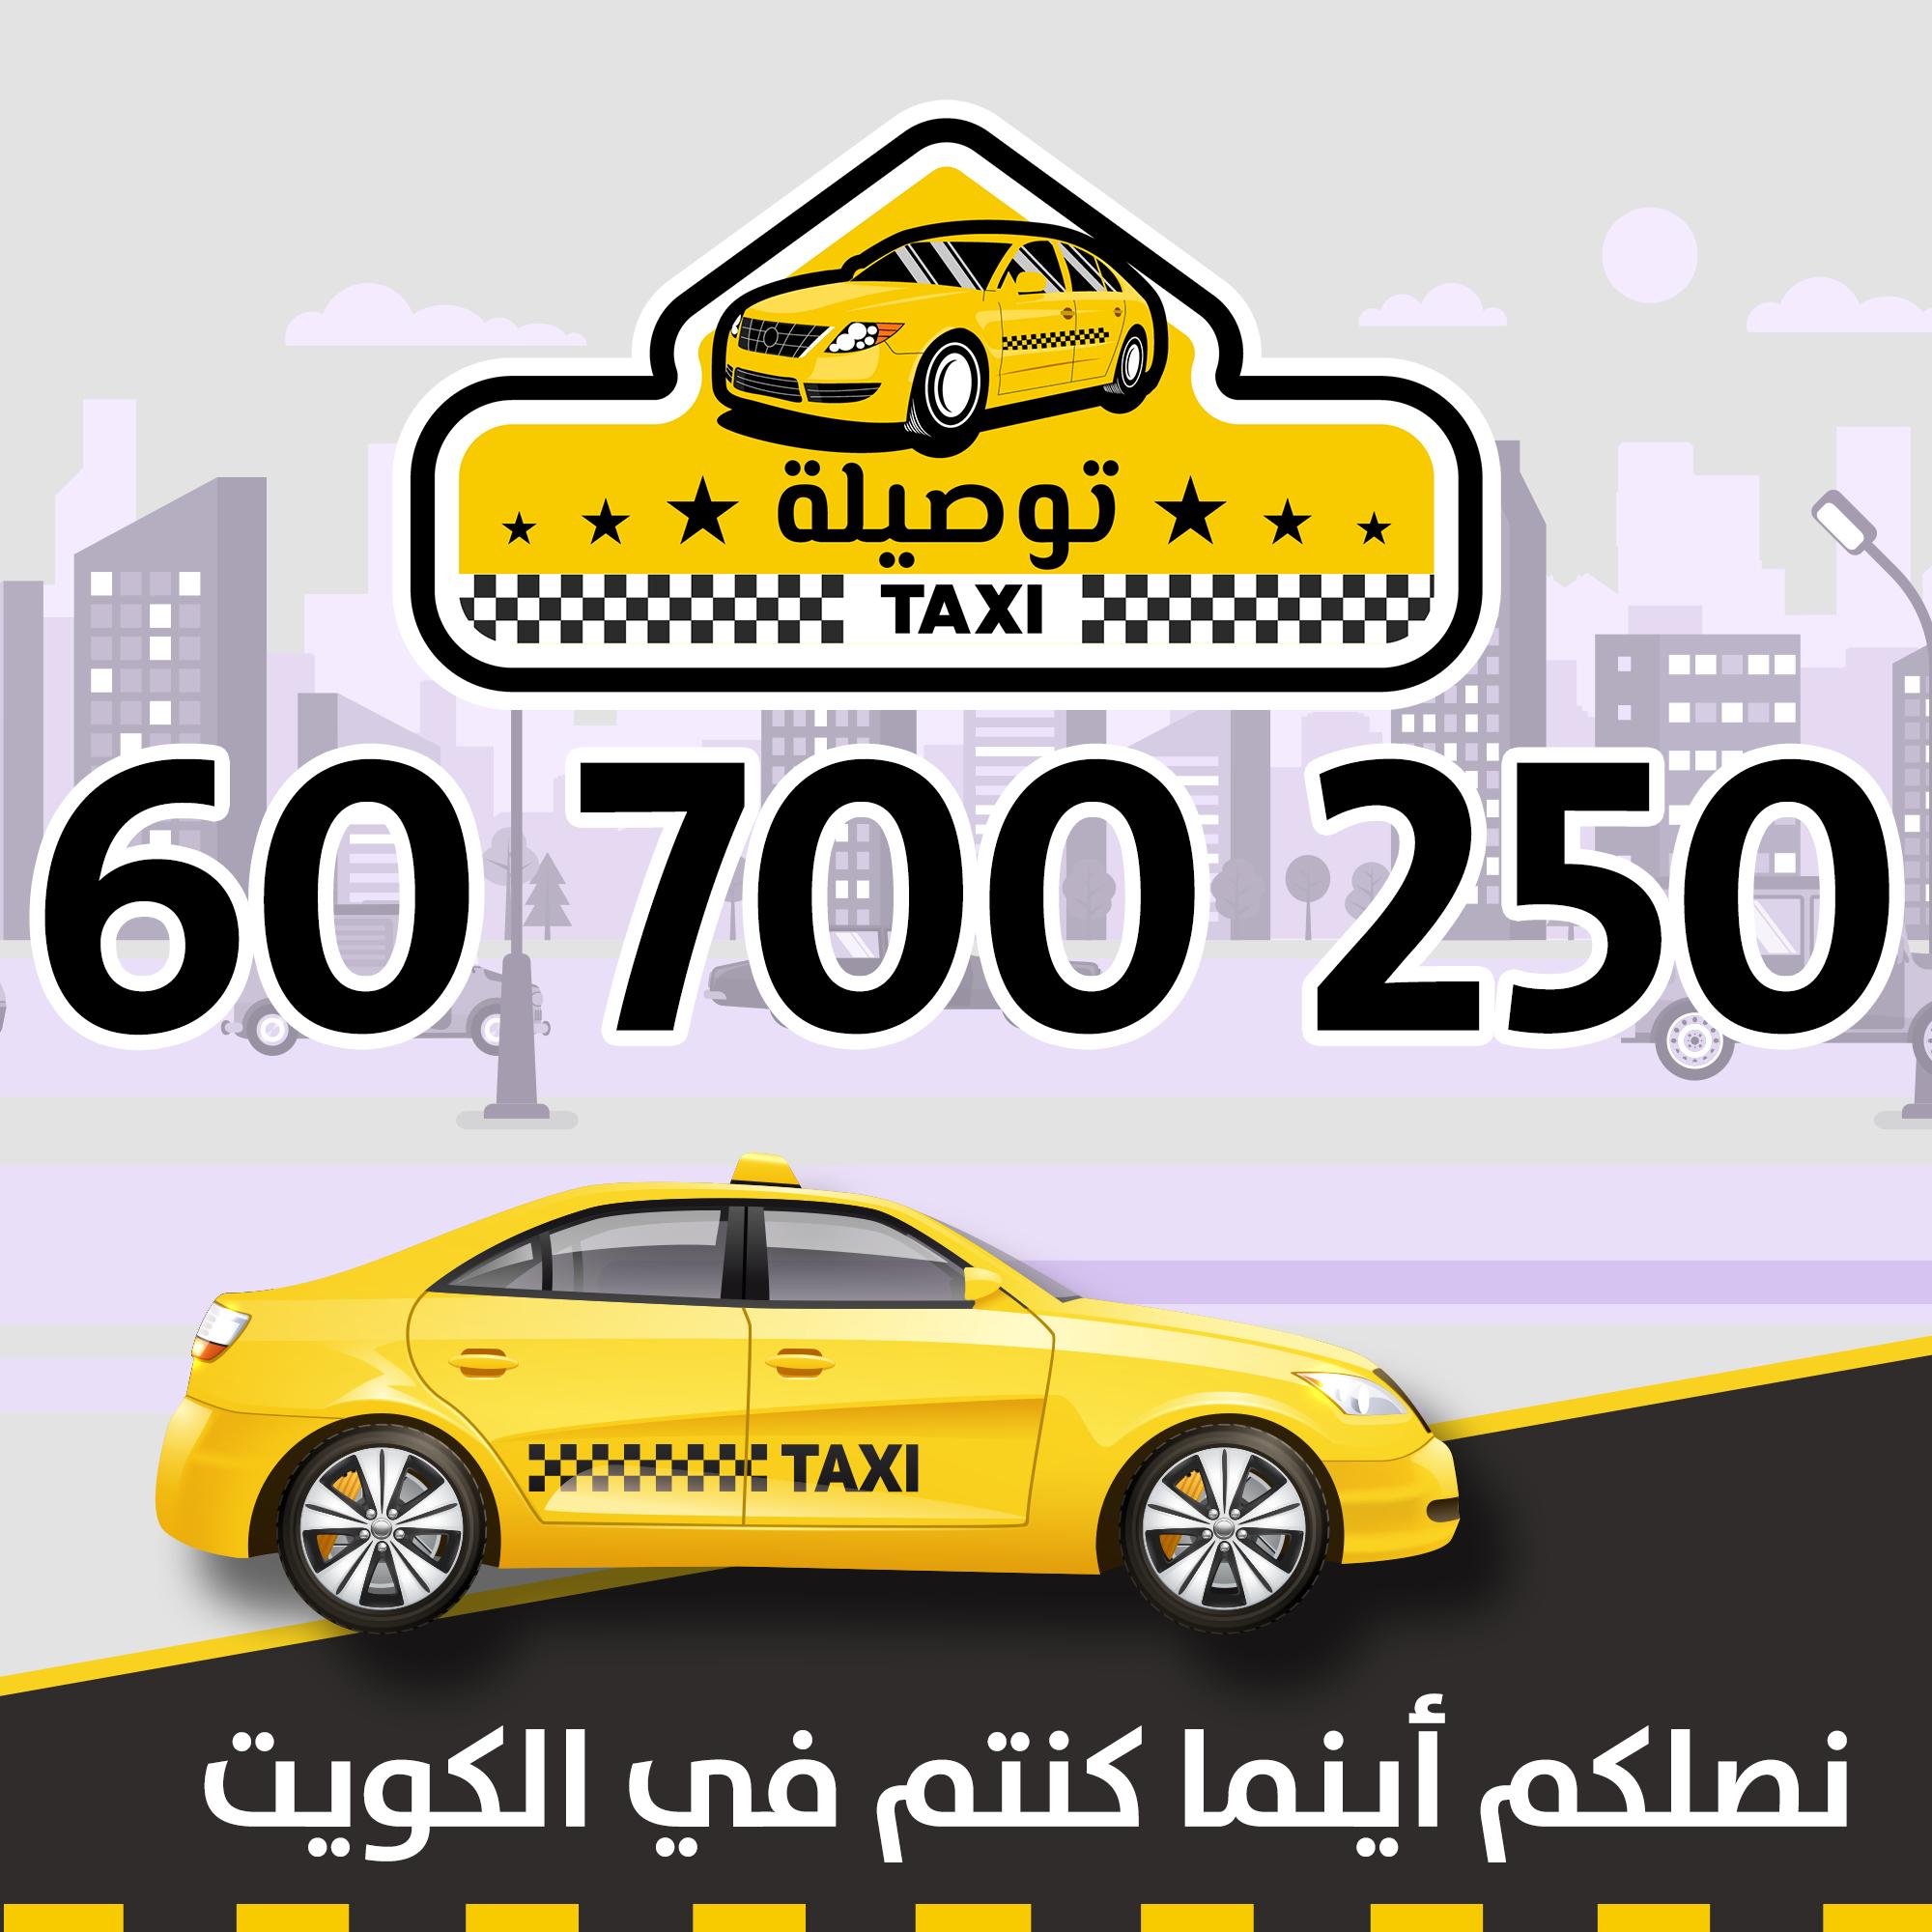 تاكسي توصيلة في شارع البيروني